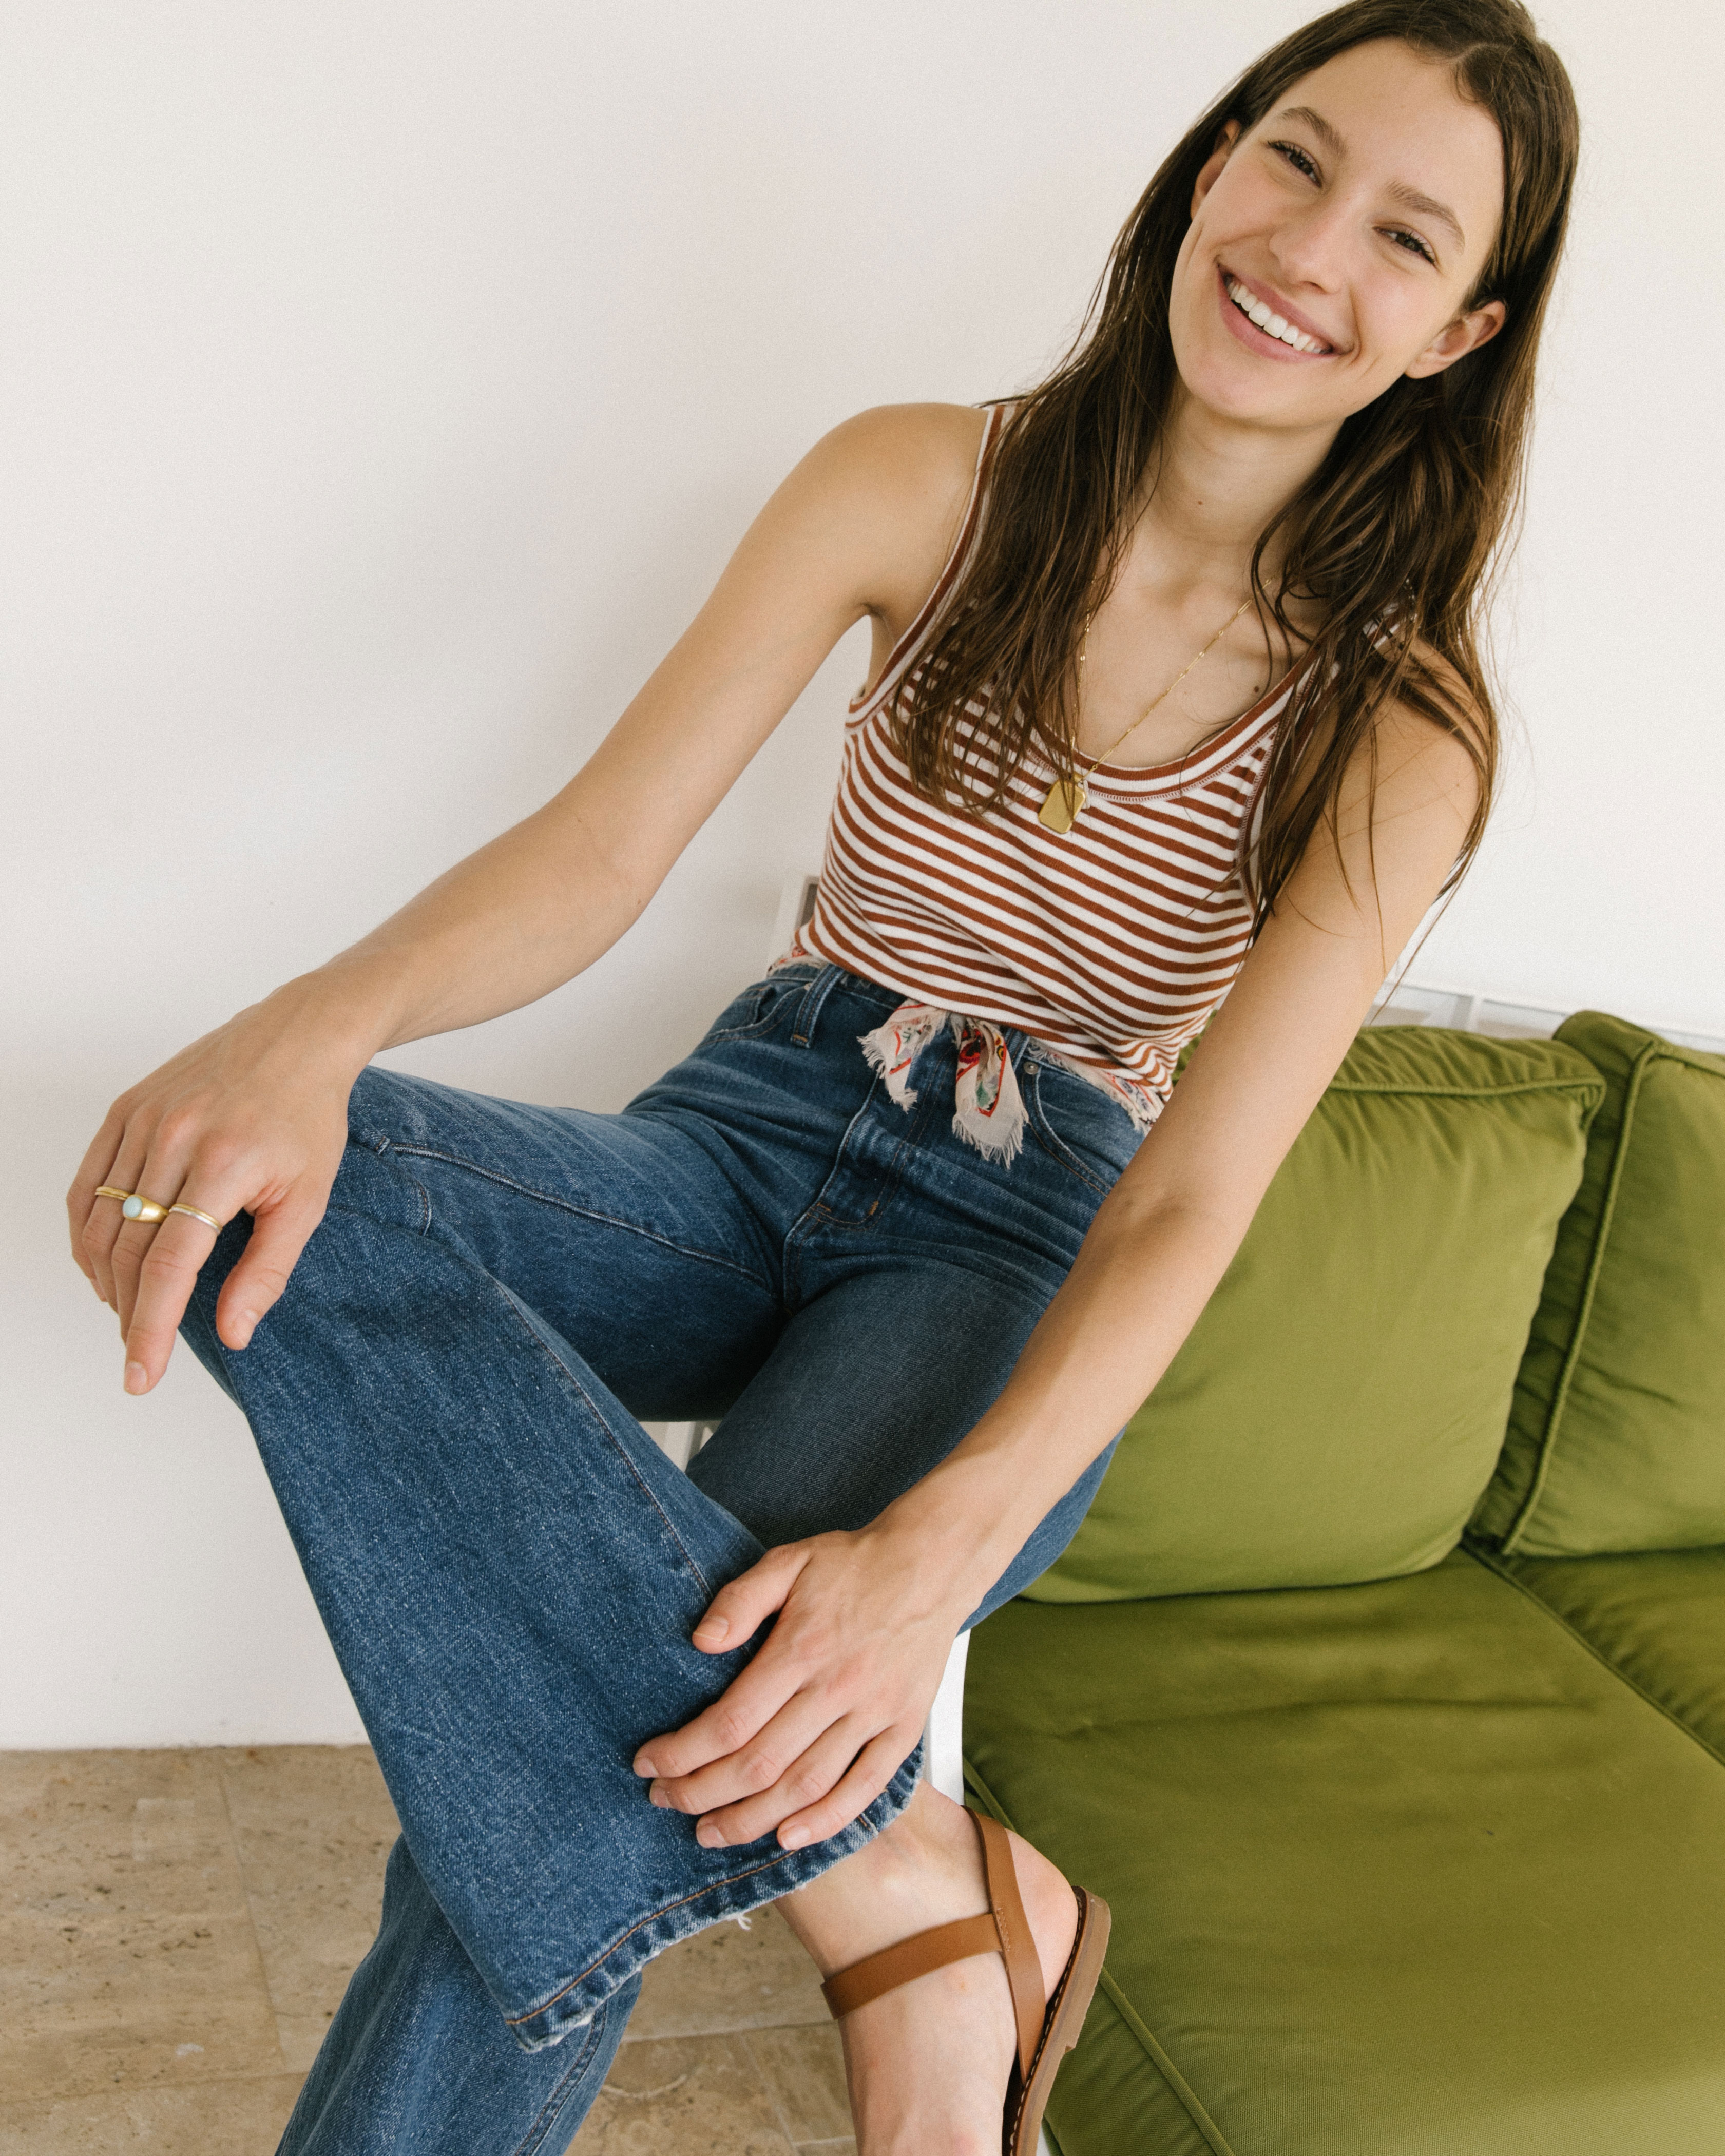 Eleanor friedberg bisexual boyfreind gossip